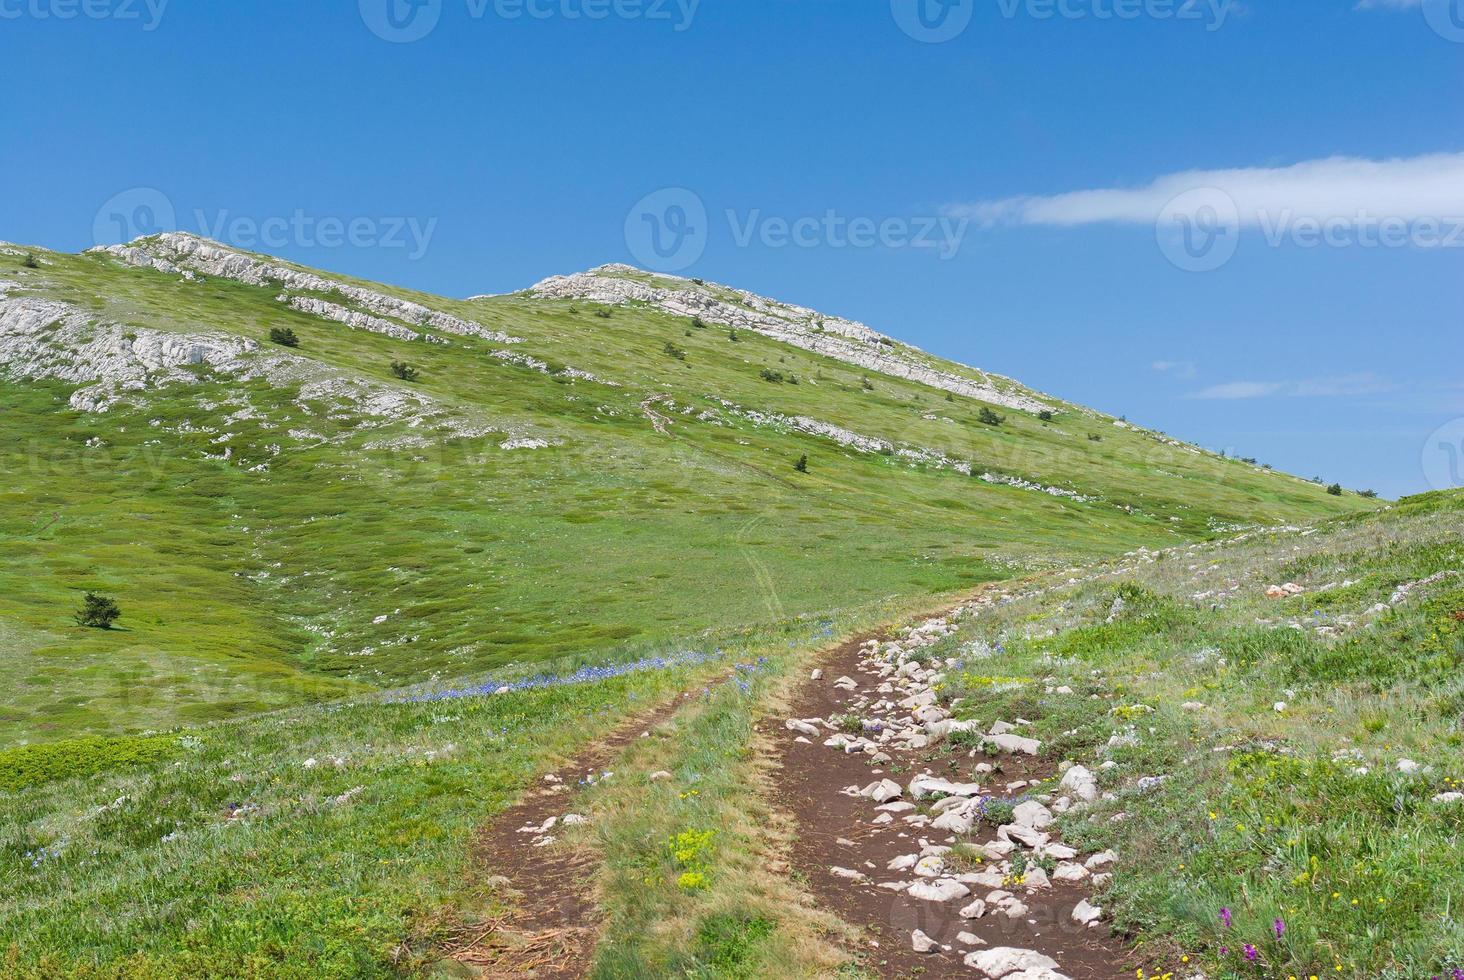 chatyr-dah bergsmassiv på Krim foto